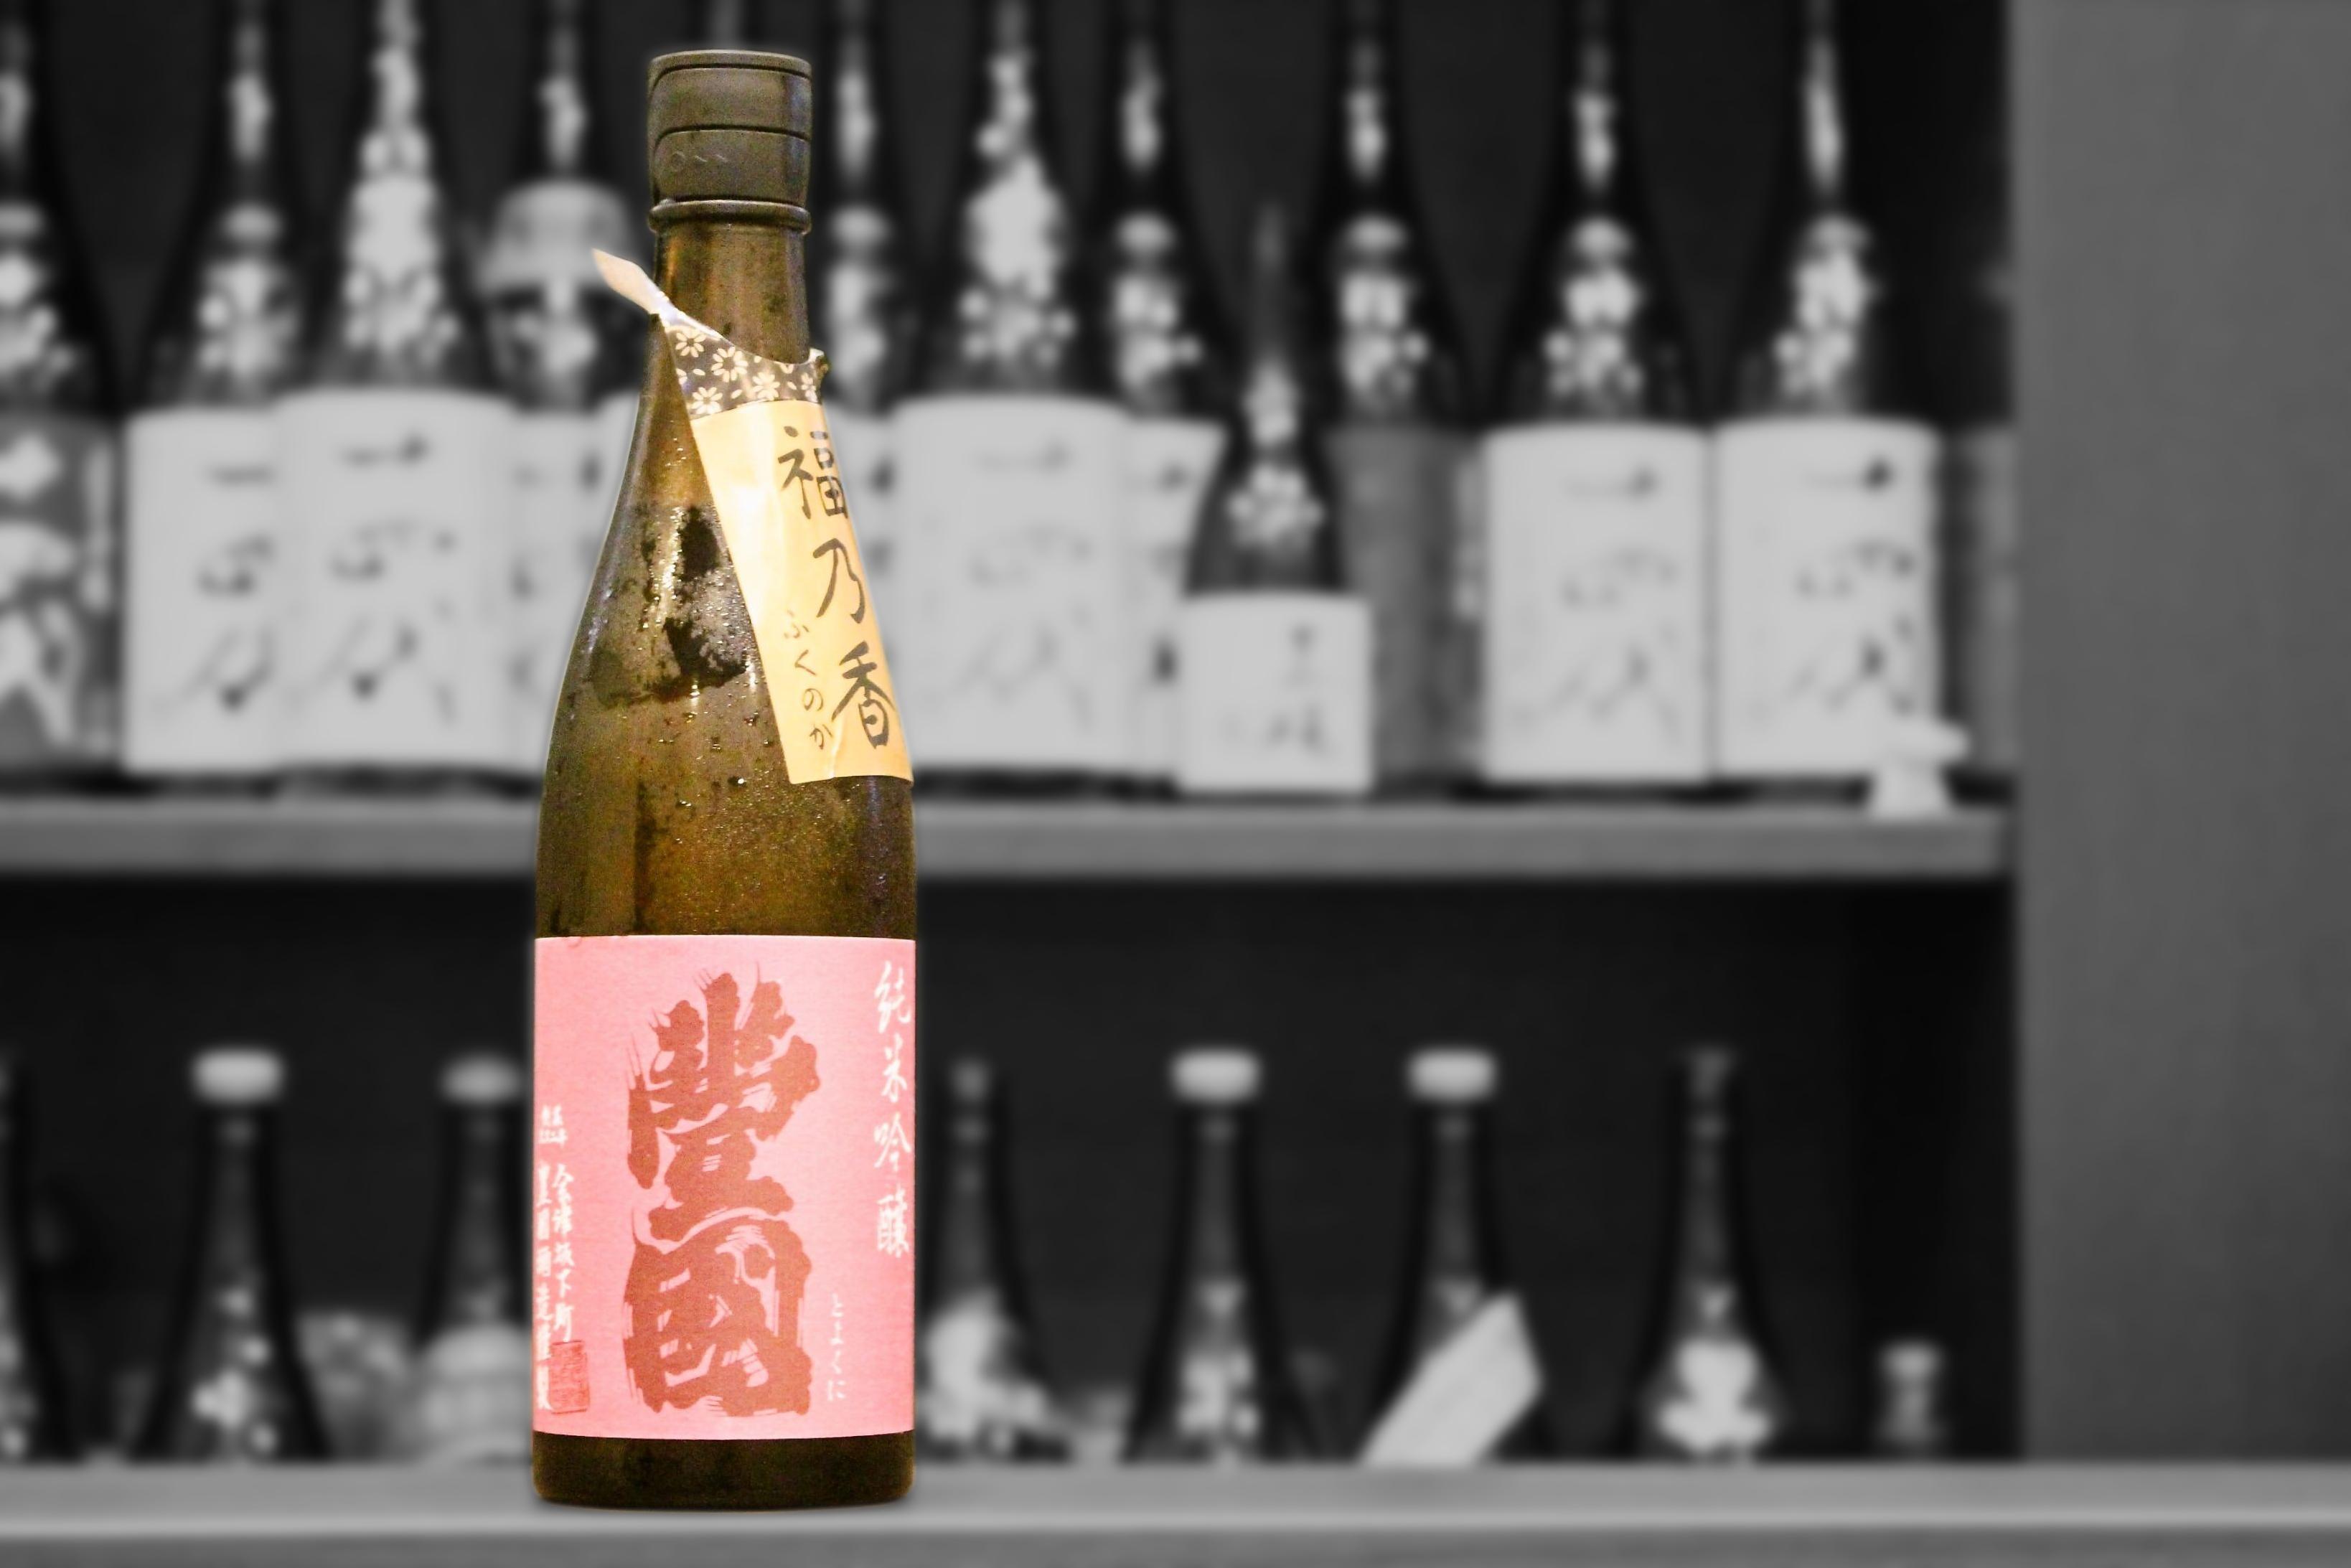 豊国純米吟醸福乃香202008-001